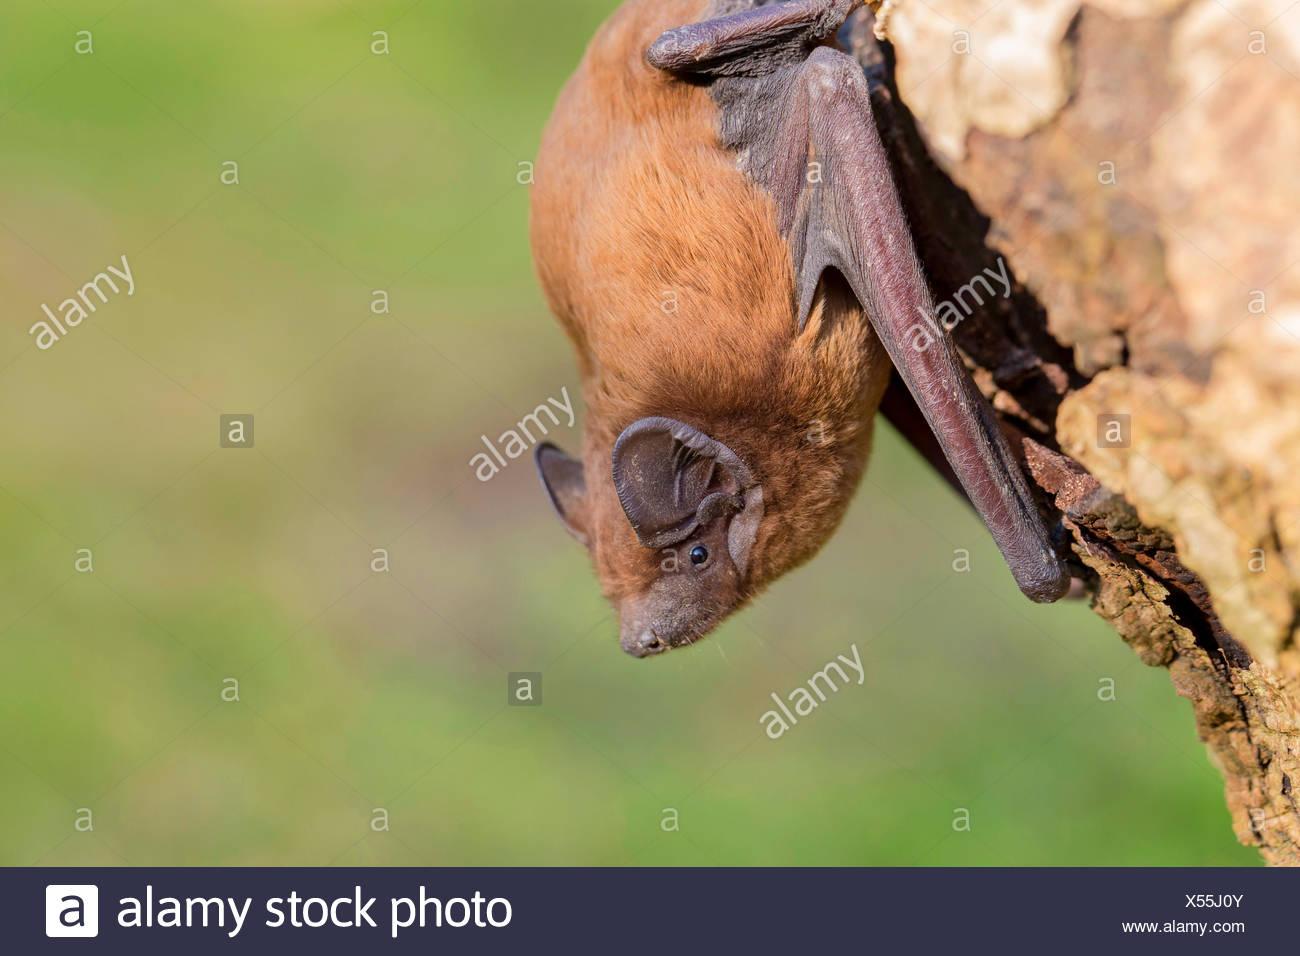 Leisler's bat (Nyctalus leisleri), at a tree trunk, Germany, Bavaria, Niederbayern, Lower Bavaria - Stock Image